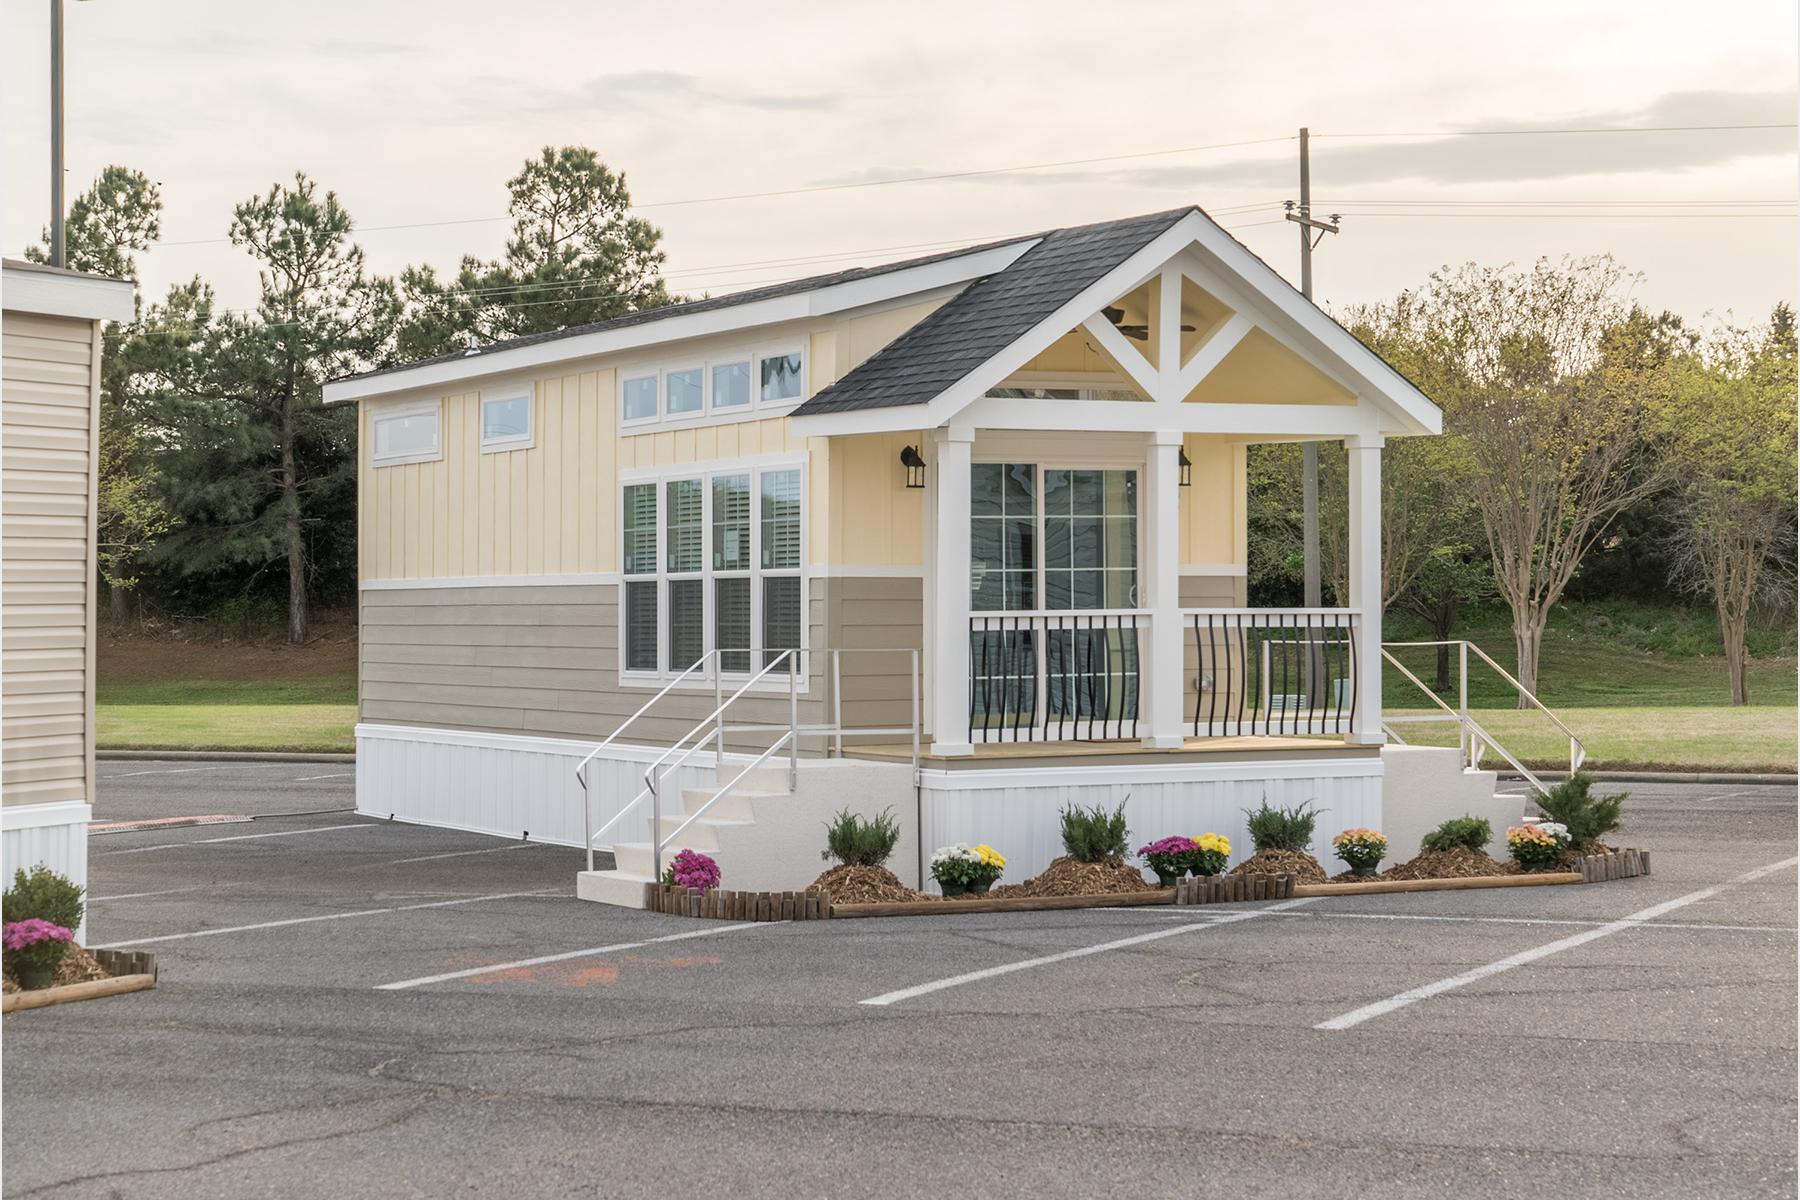 Tiny Home Designs: Pratt Homes